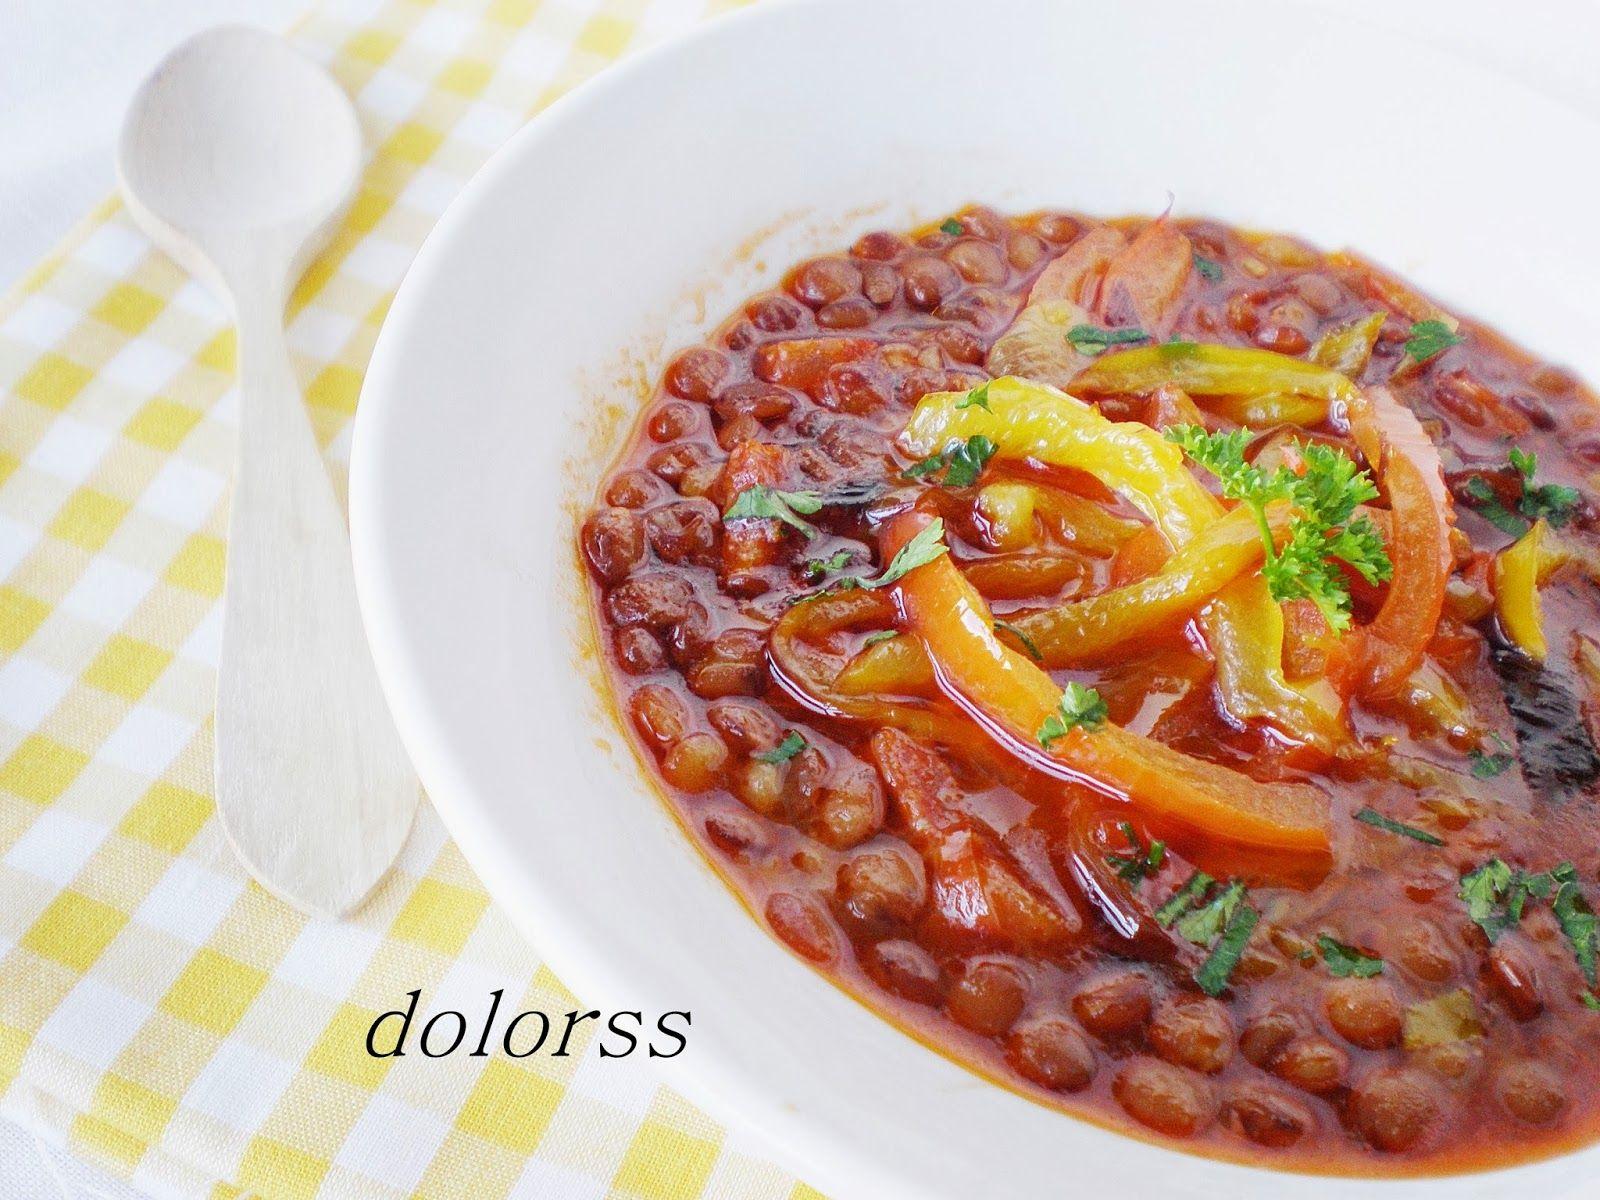 Blog de cuina de la dolorss: Lentejas rápidas con chorizo y pimientos